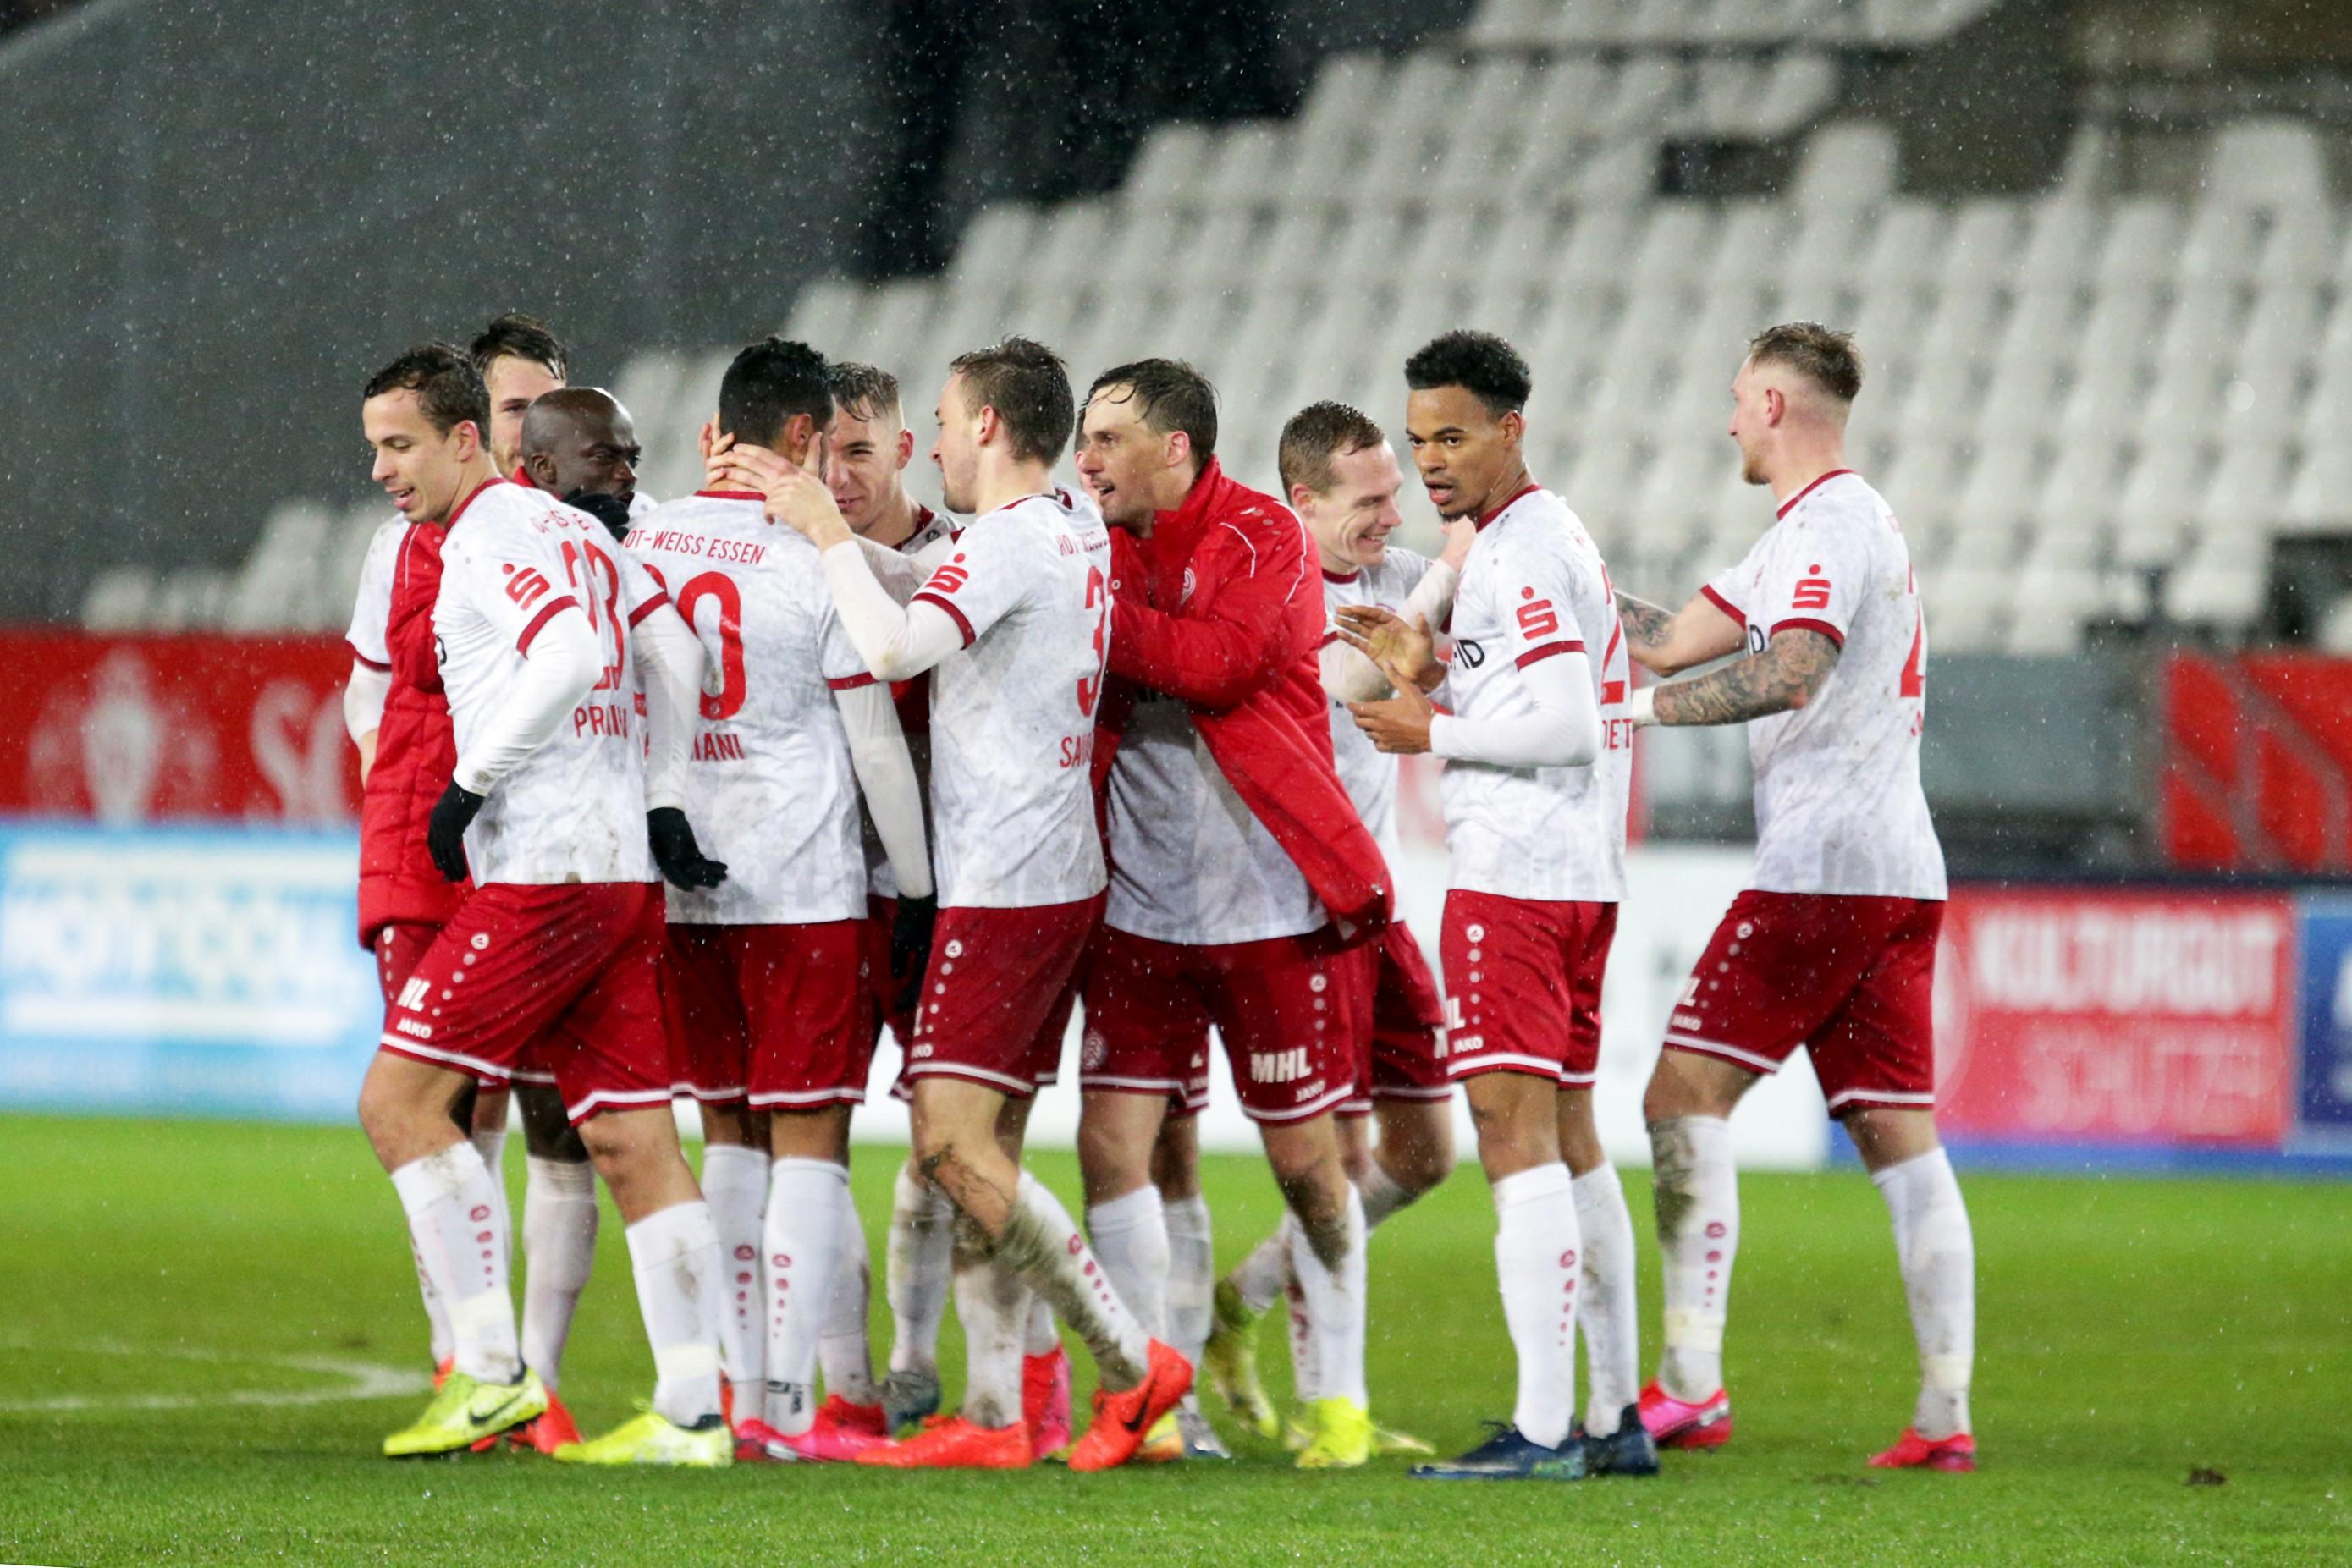 Durch eine starke Teamleistung drehten die Rot-Weissen die Partie gegen den SV Lippstadt. (Foto: Endberg)